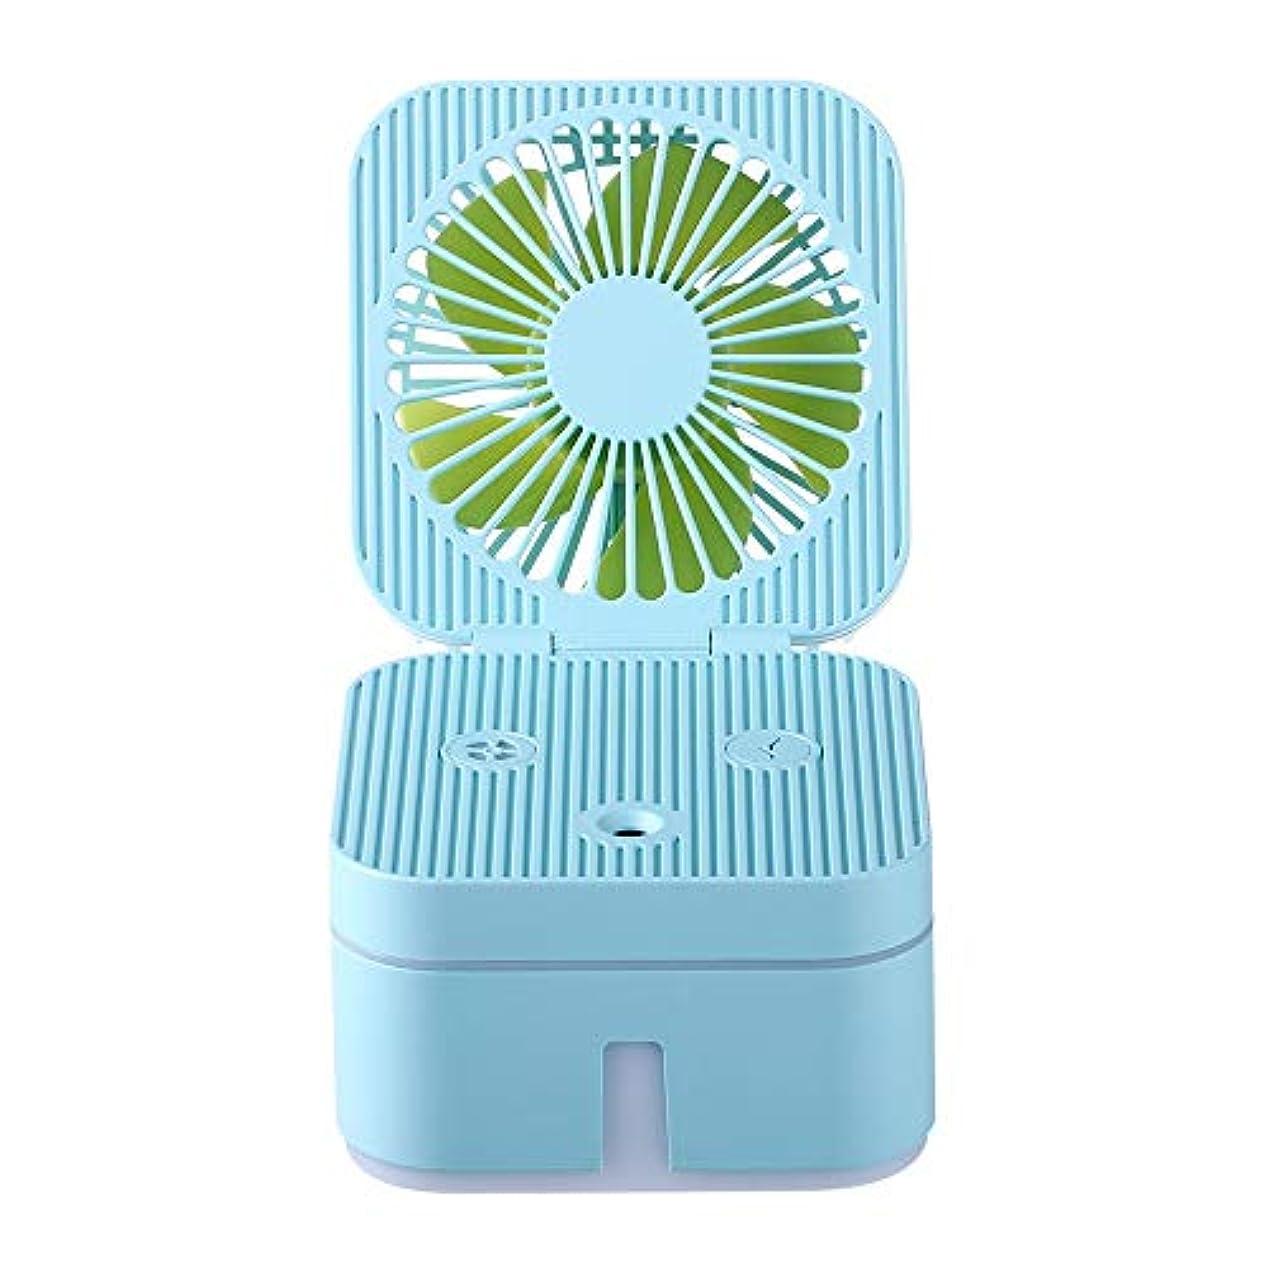 血色の良いプラスチック無謀ZXF 容量保湿美容機器ABS素材USB充電加湿器ウォータースプレーメーターブルー 滑らかである